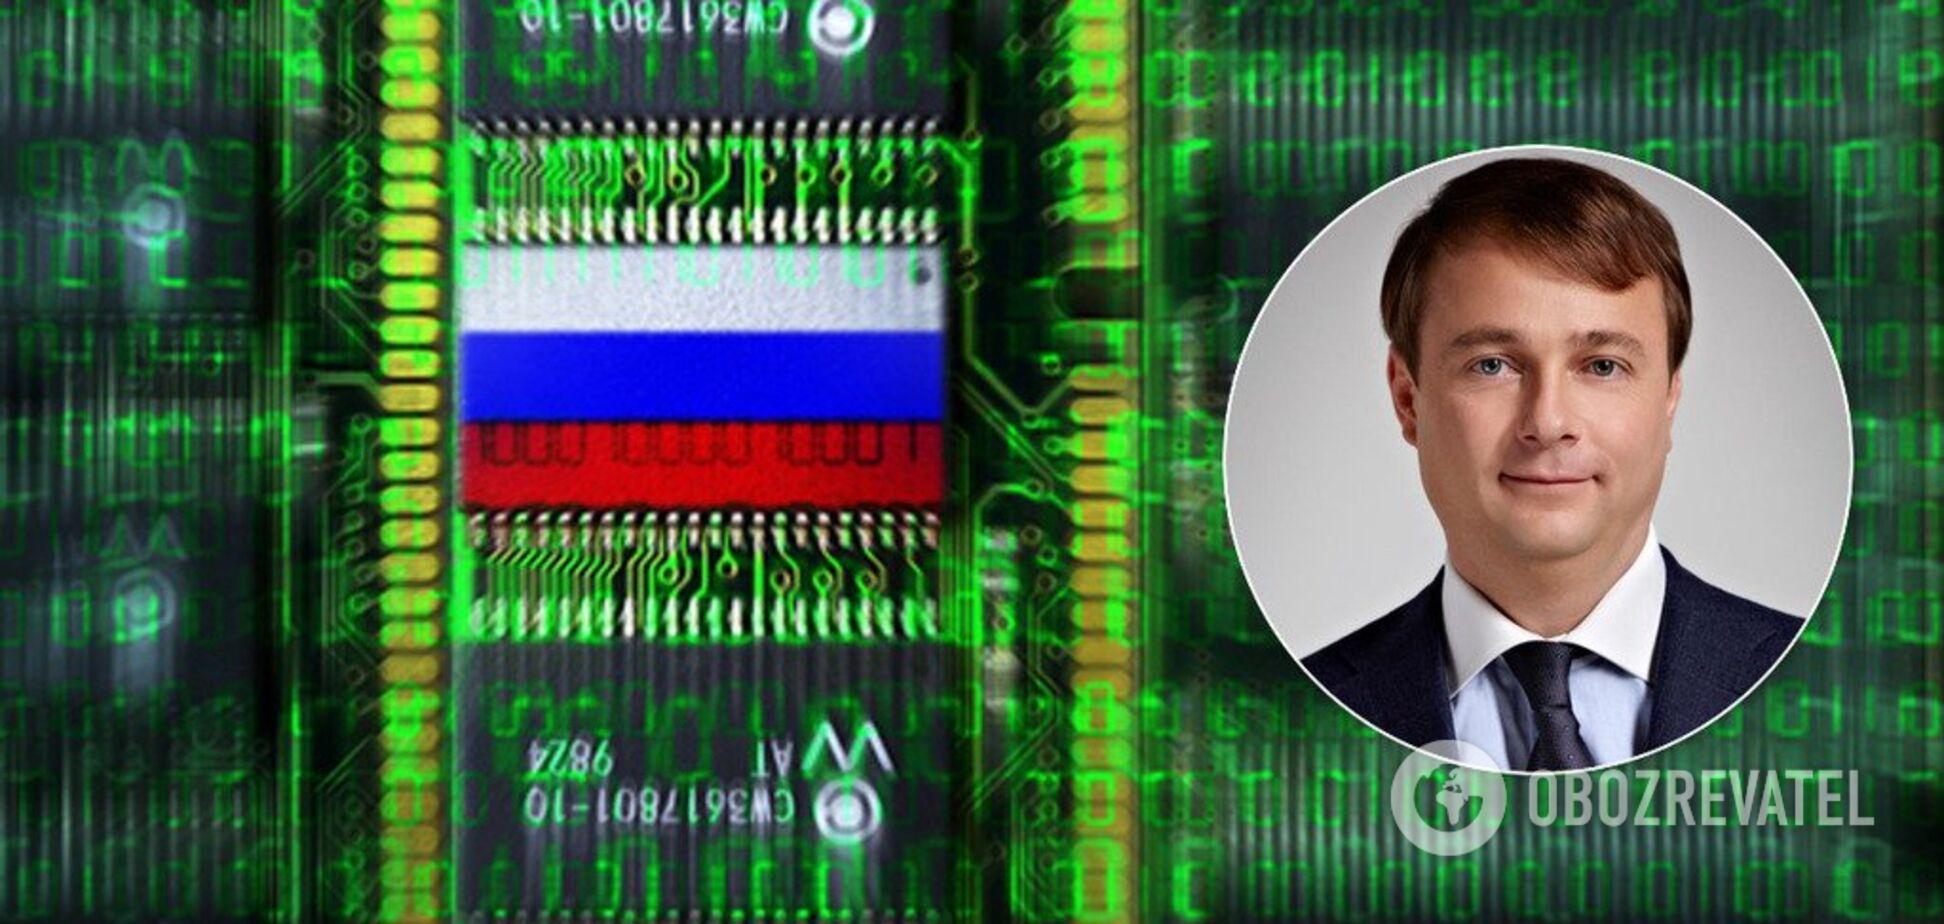 Фанати Путіна у Раді: волонтер запропонував спосіб боротьби